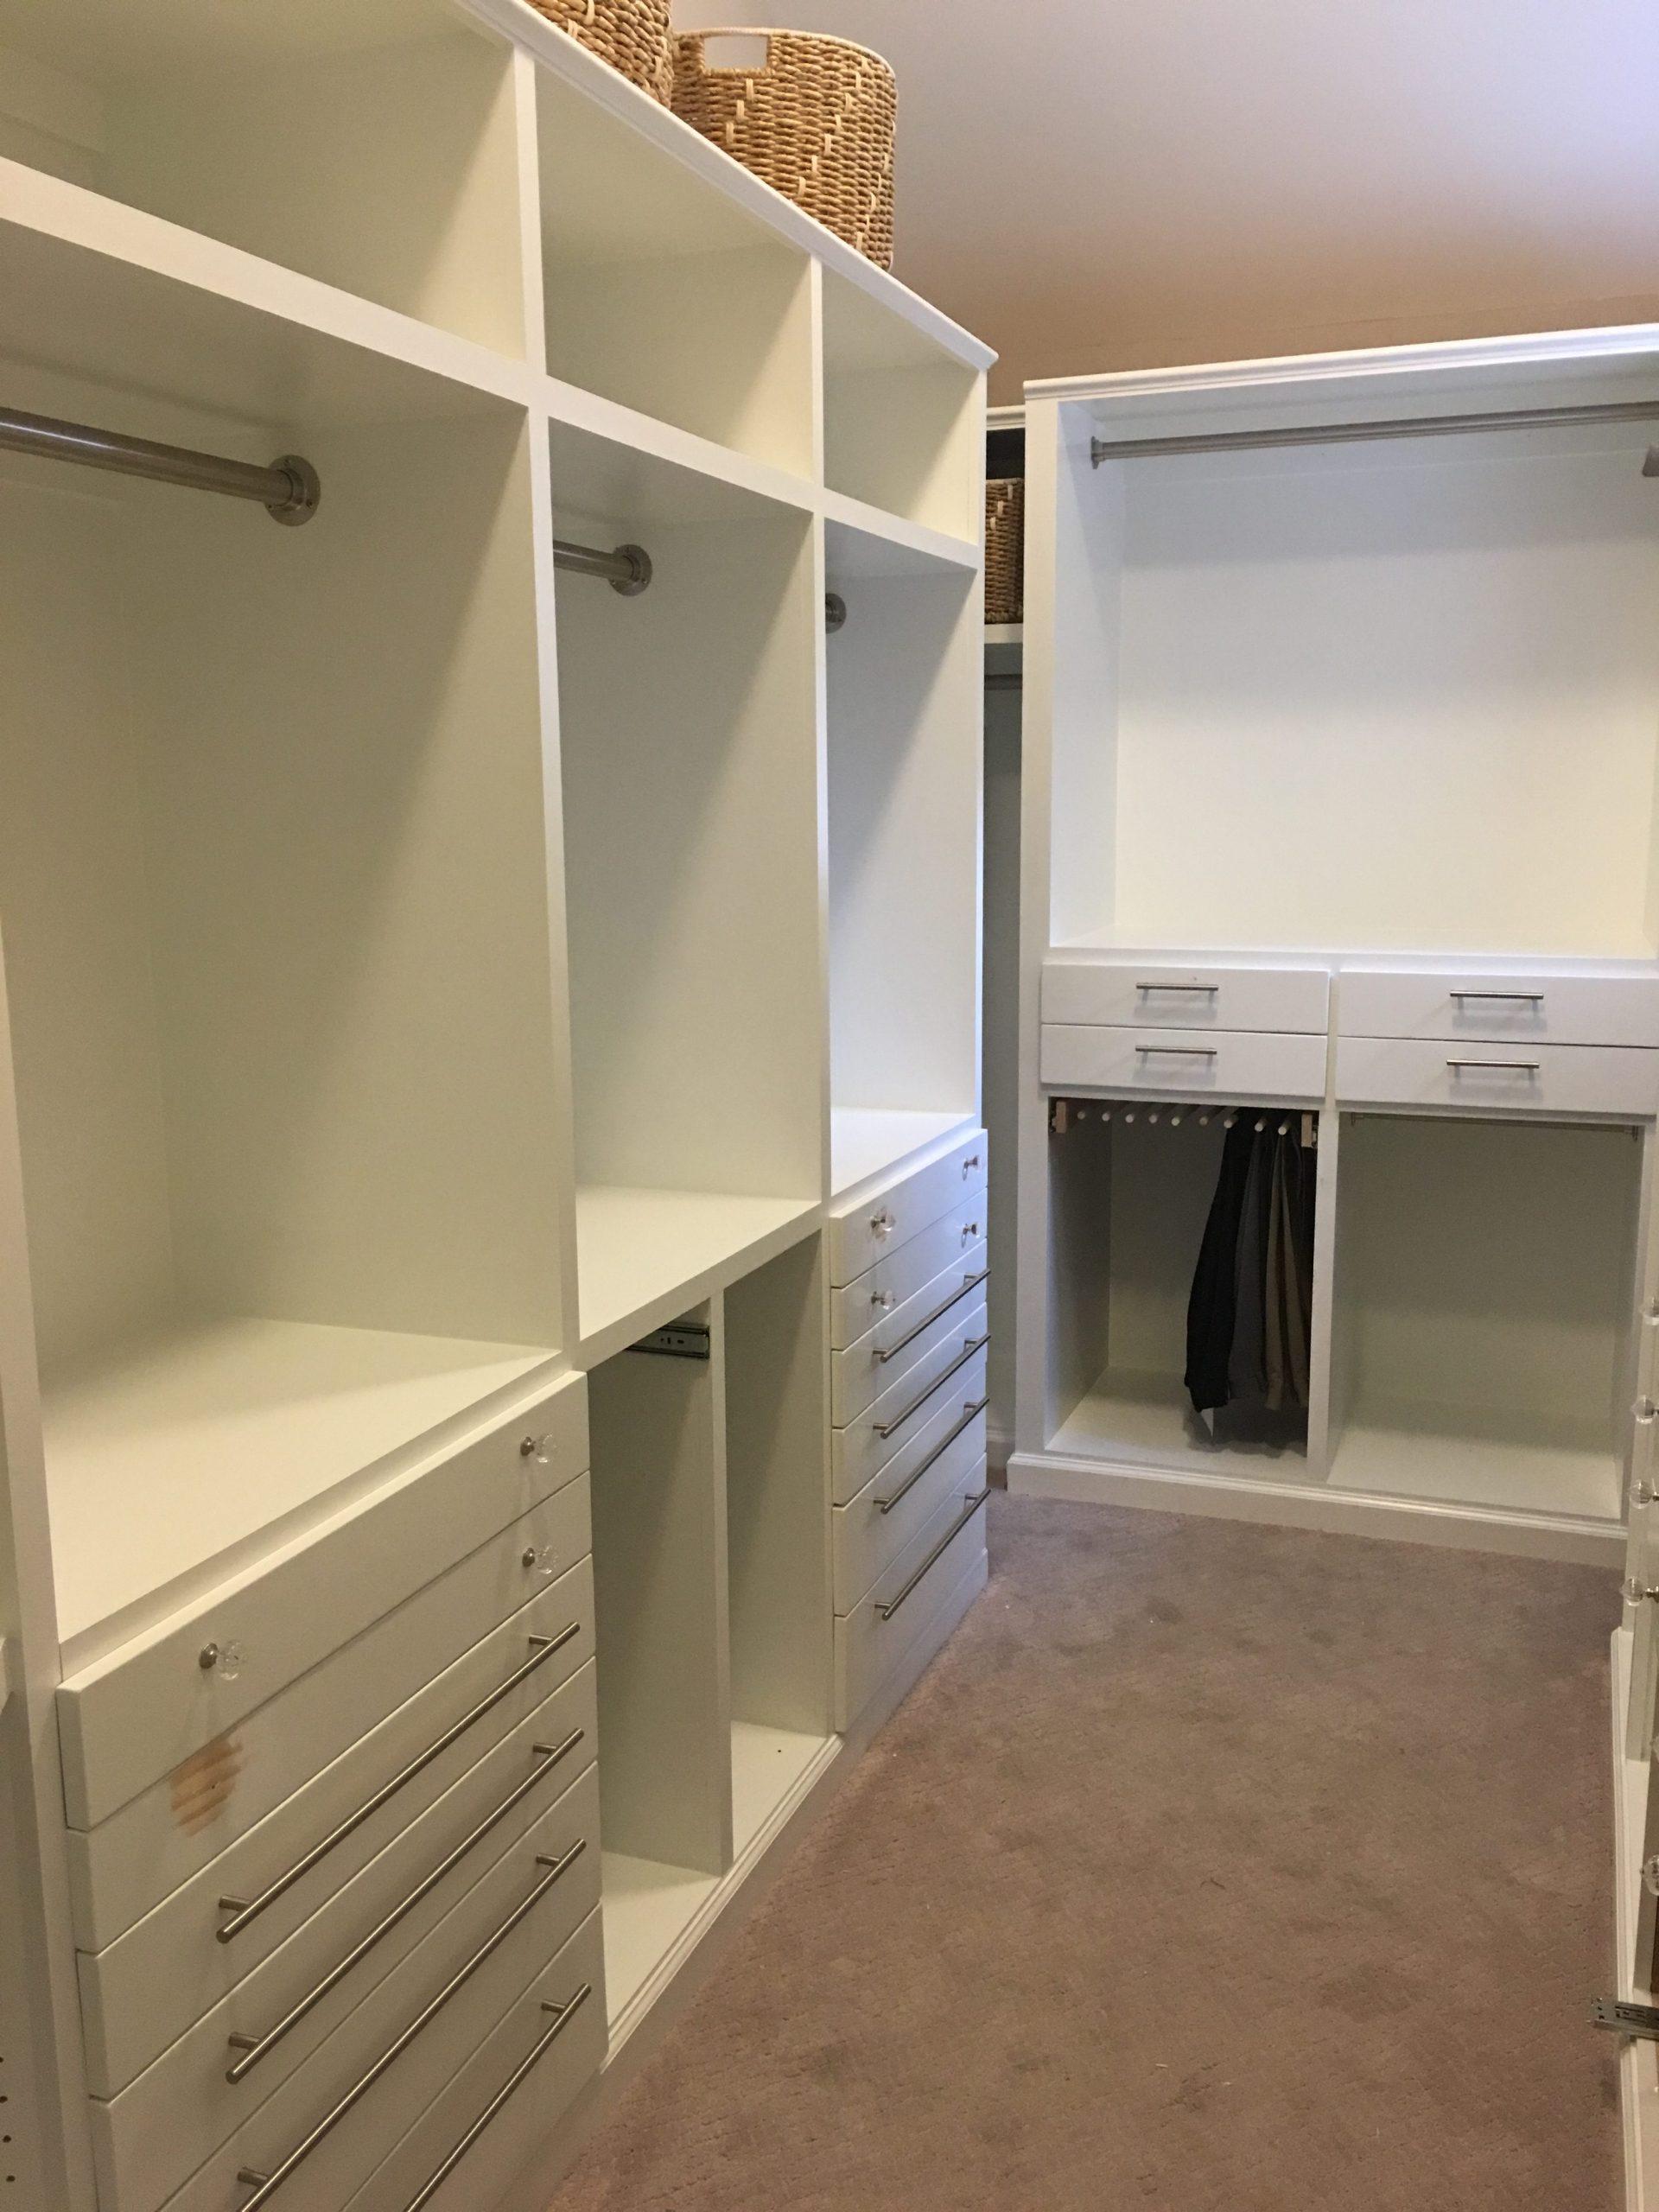 How to build a master closet